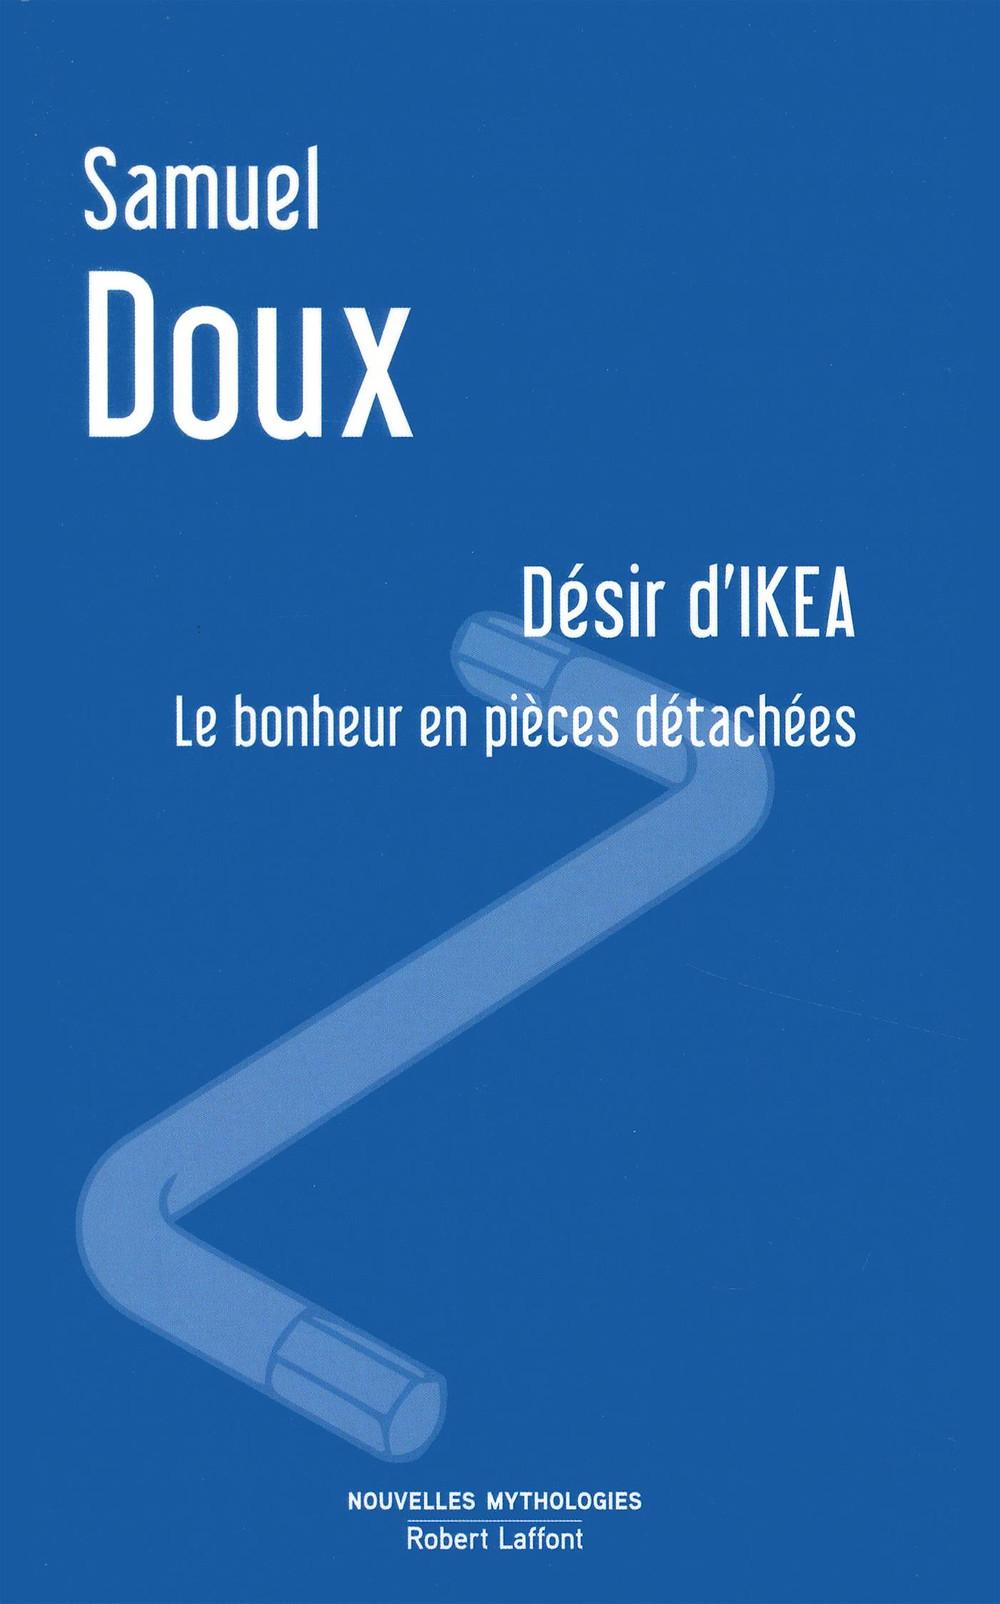 Désir d'IKEA, le bonheur en pièces détachées, Samuel Doux, Robert Laffont, 2017